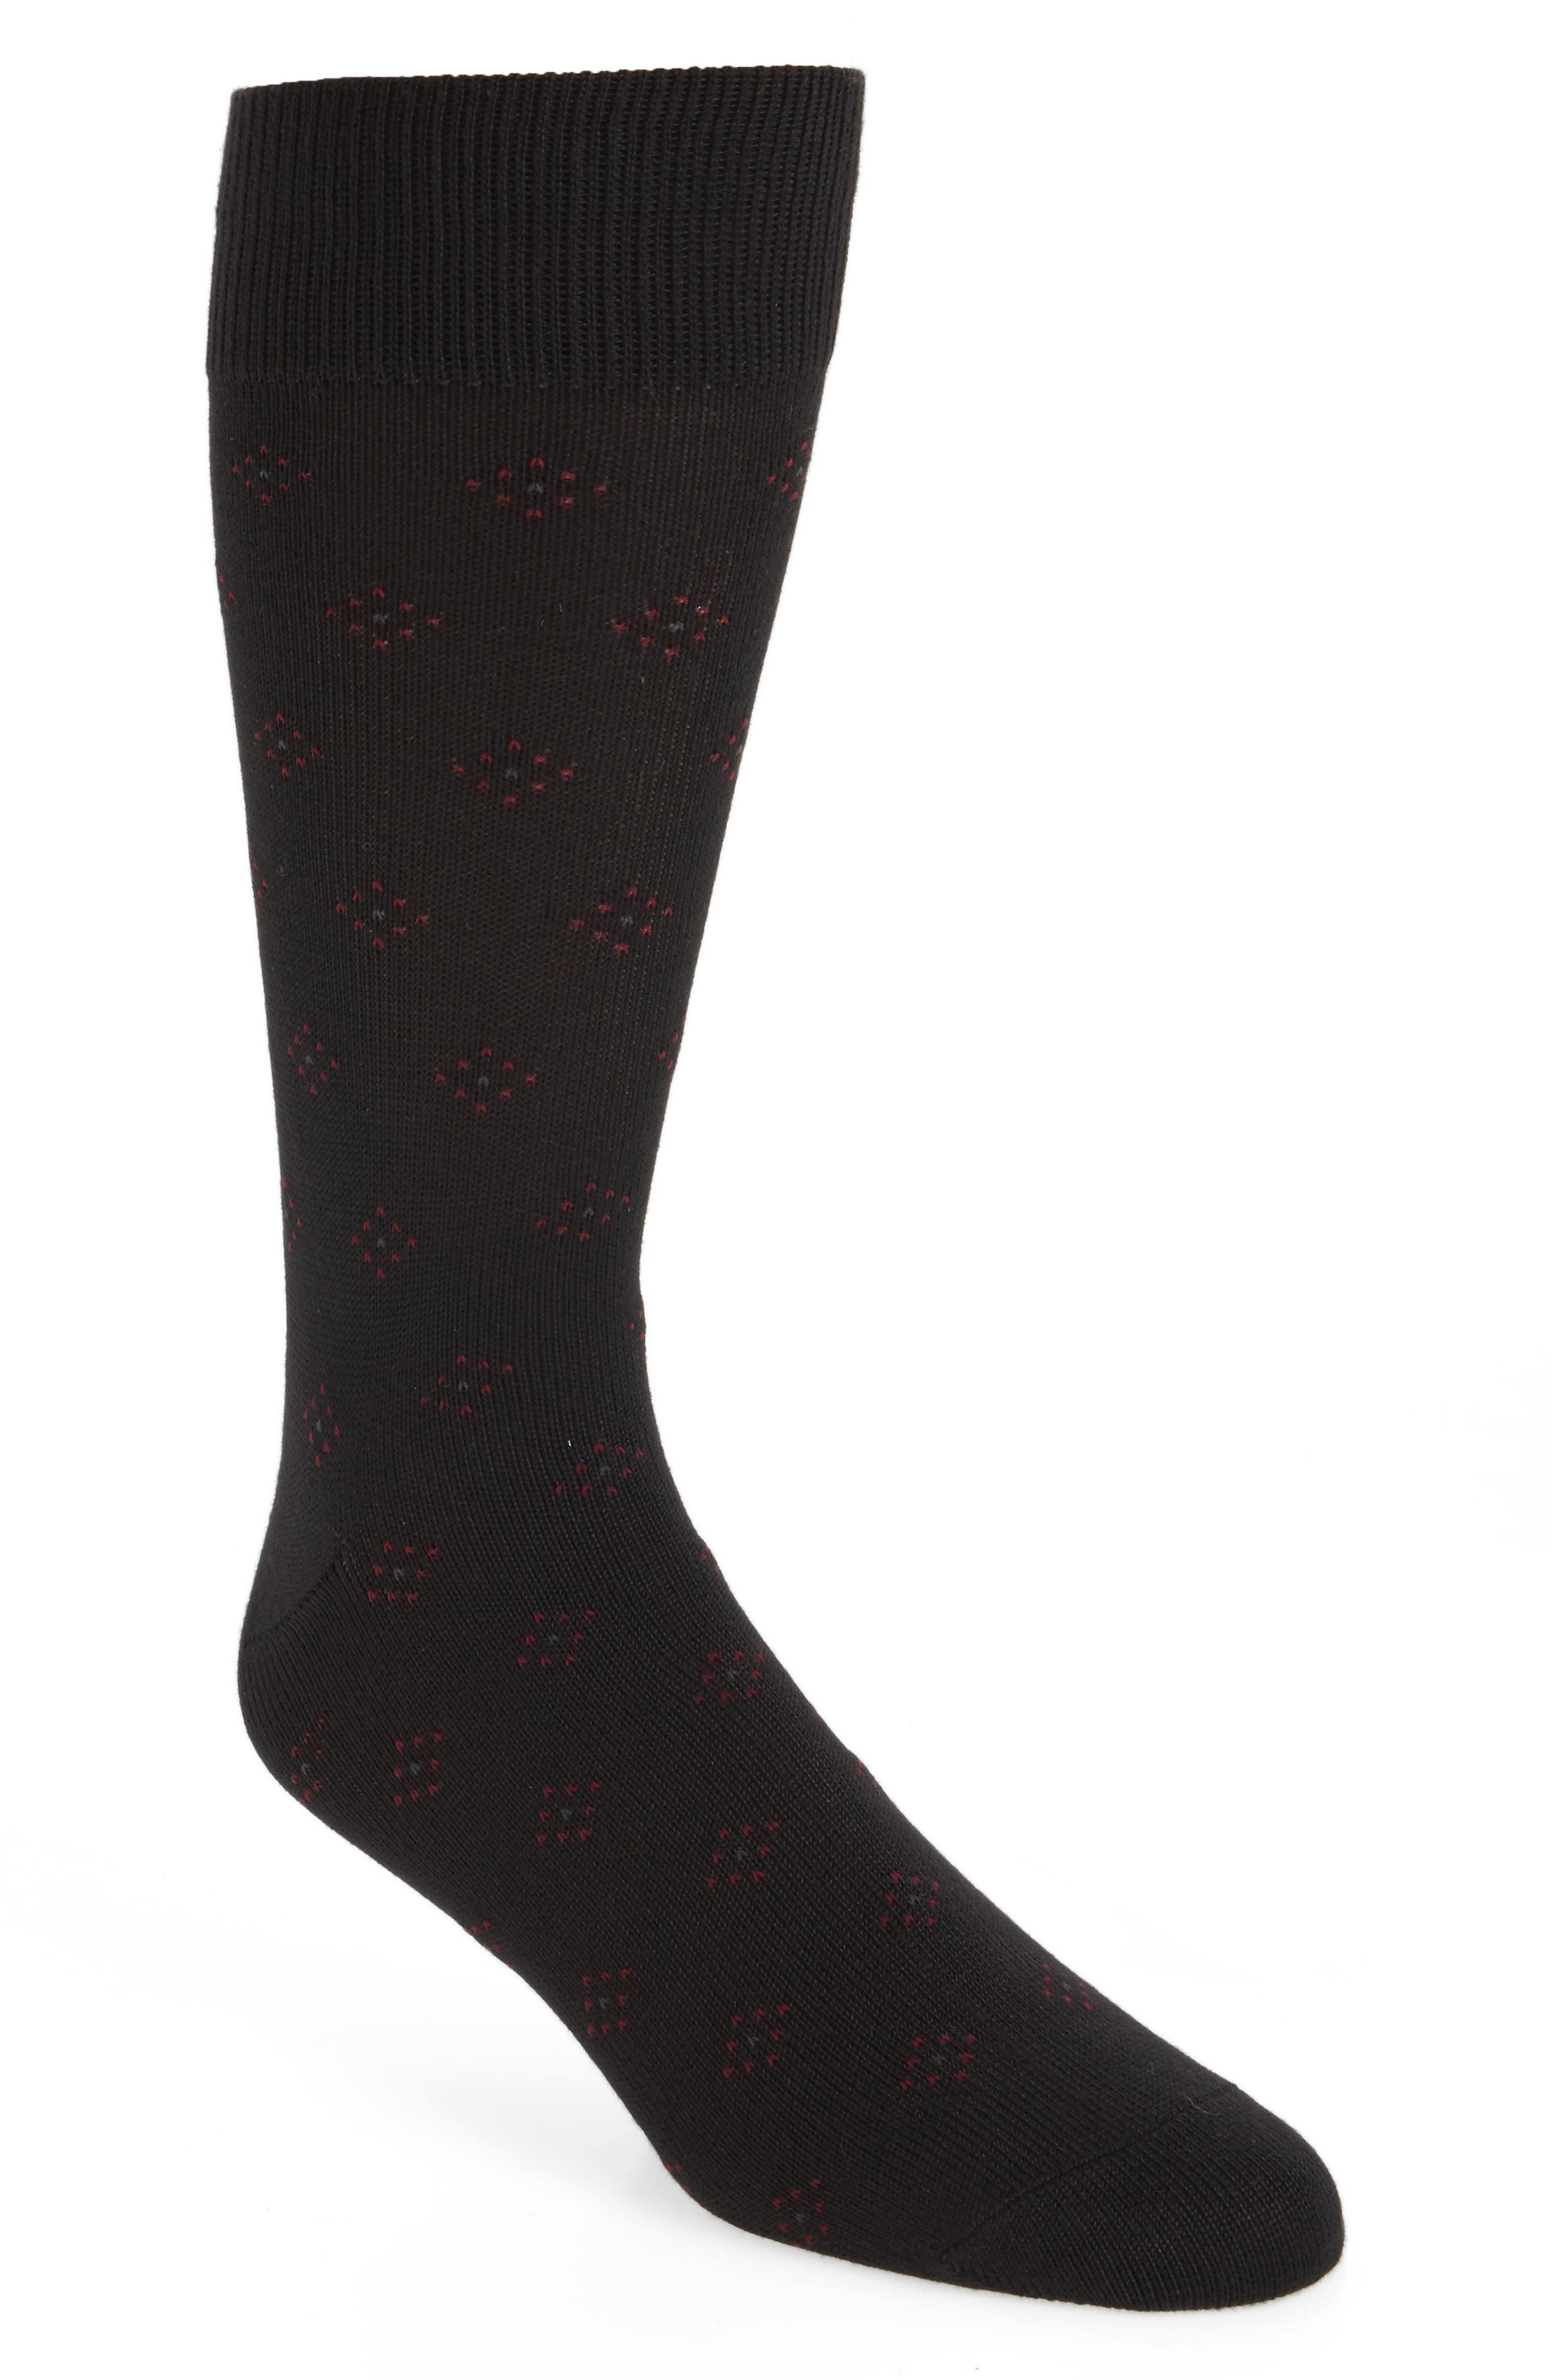 Alternate Image 1 Selected - Nordstrom Men's Shop Ultra Soft Neat Socks (3 for $30)